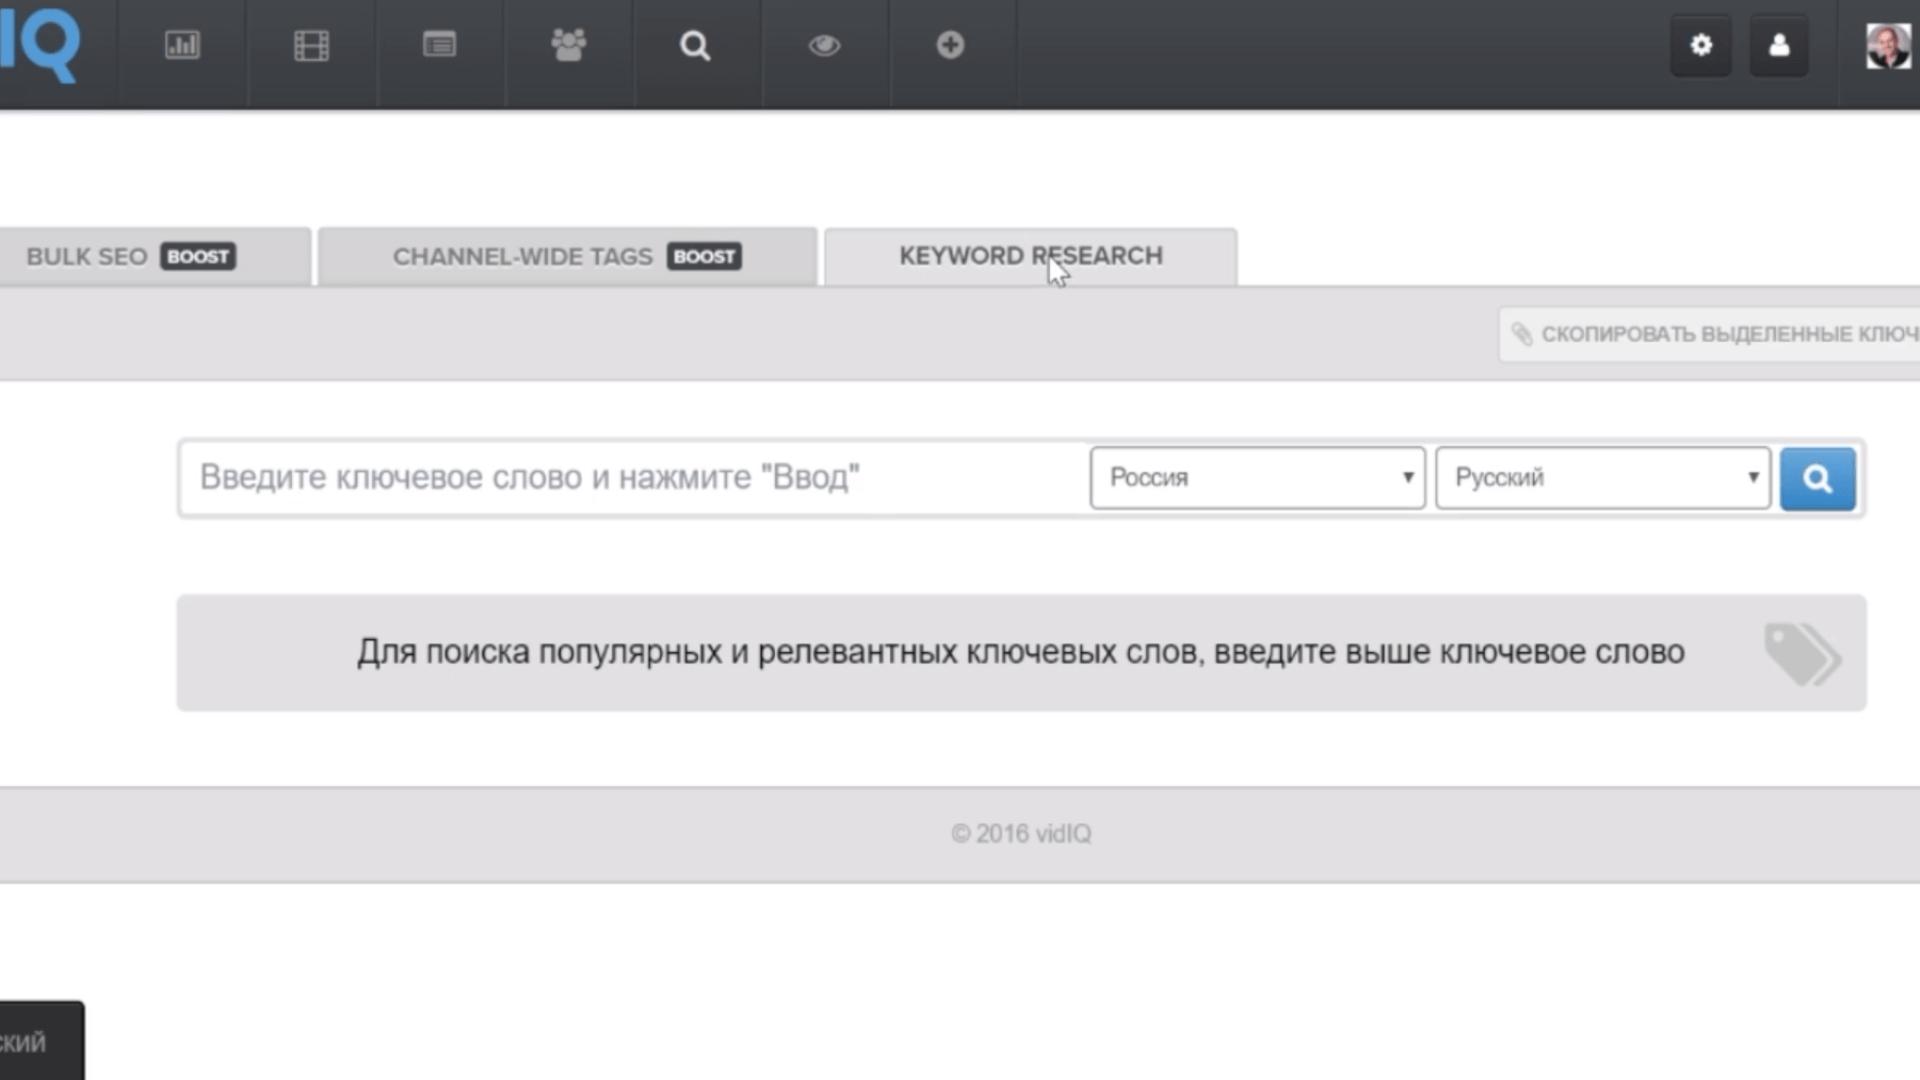 как оптимизировать видео для youtube